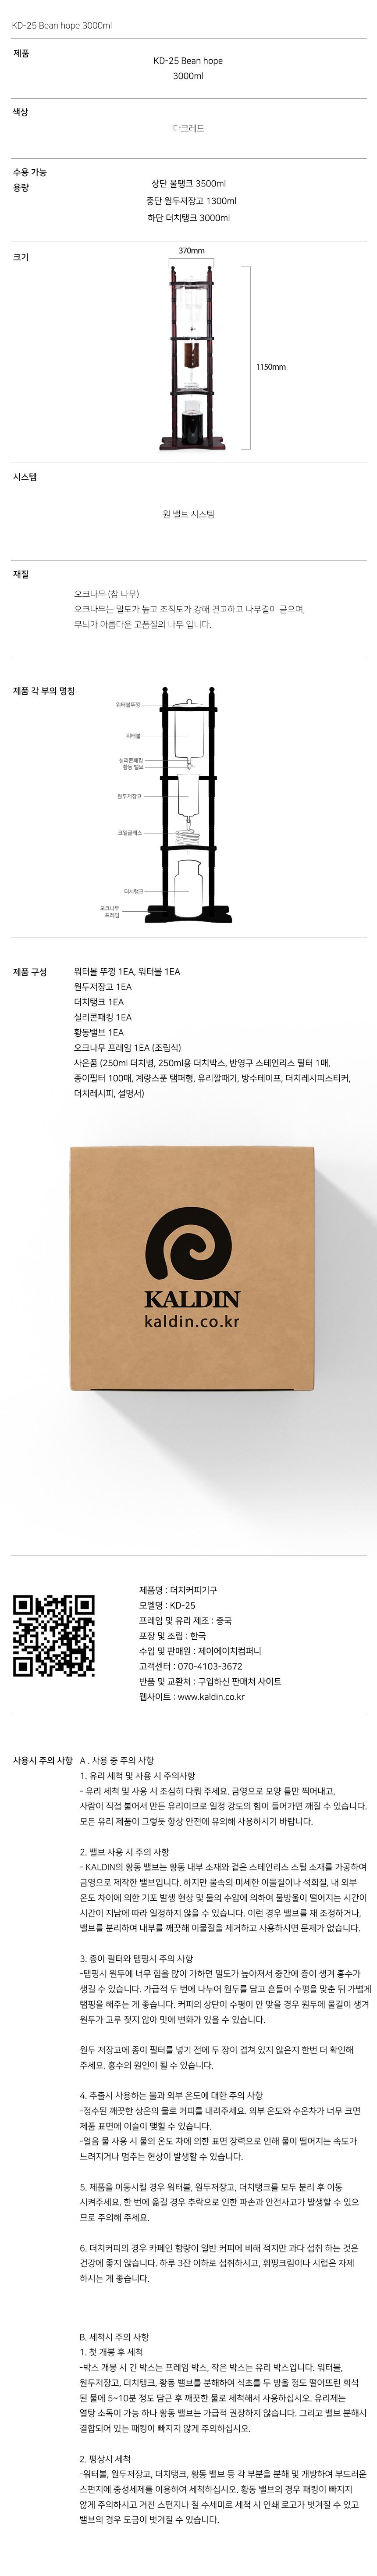 더치커피 콜드브루기구 KD-25 빈 호프 3000ml 30-32인용 - 칼딘, 389,000원, 커피 용품, 더치커피기구